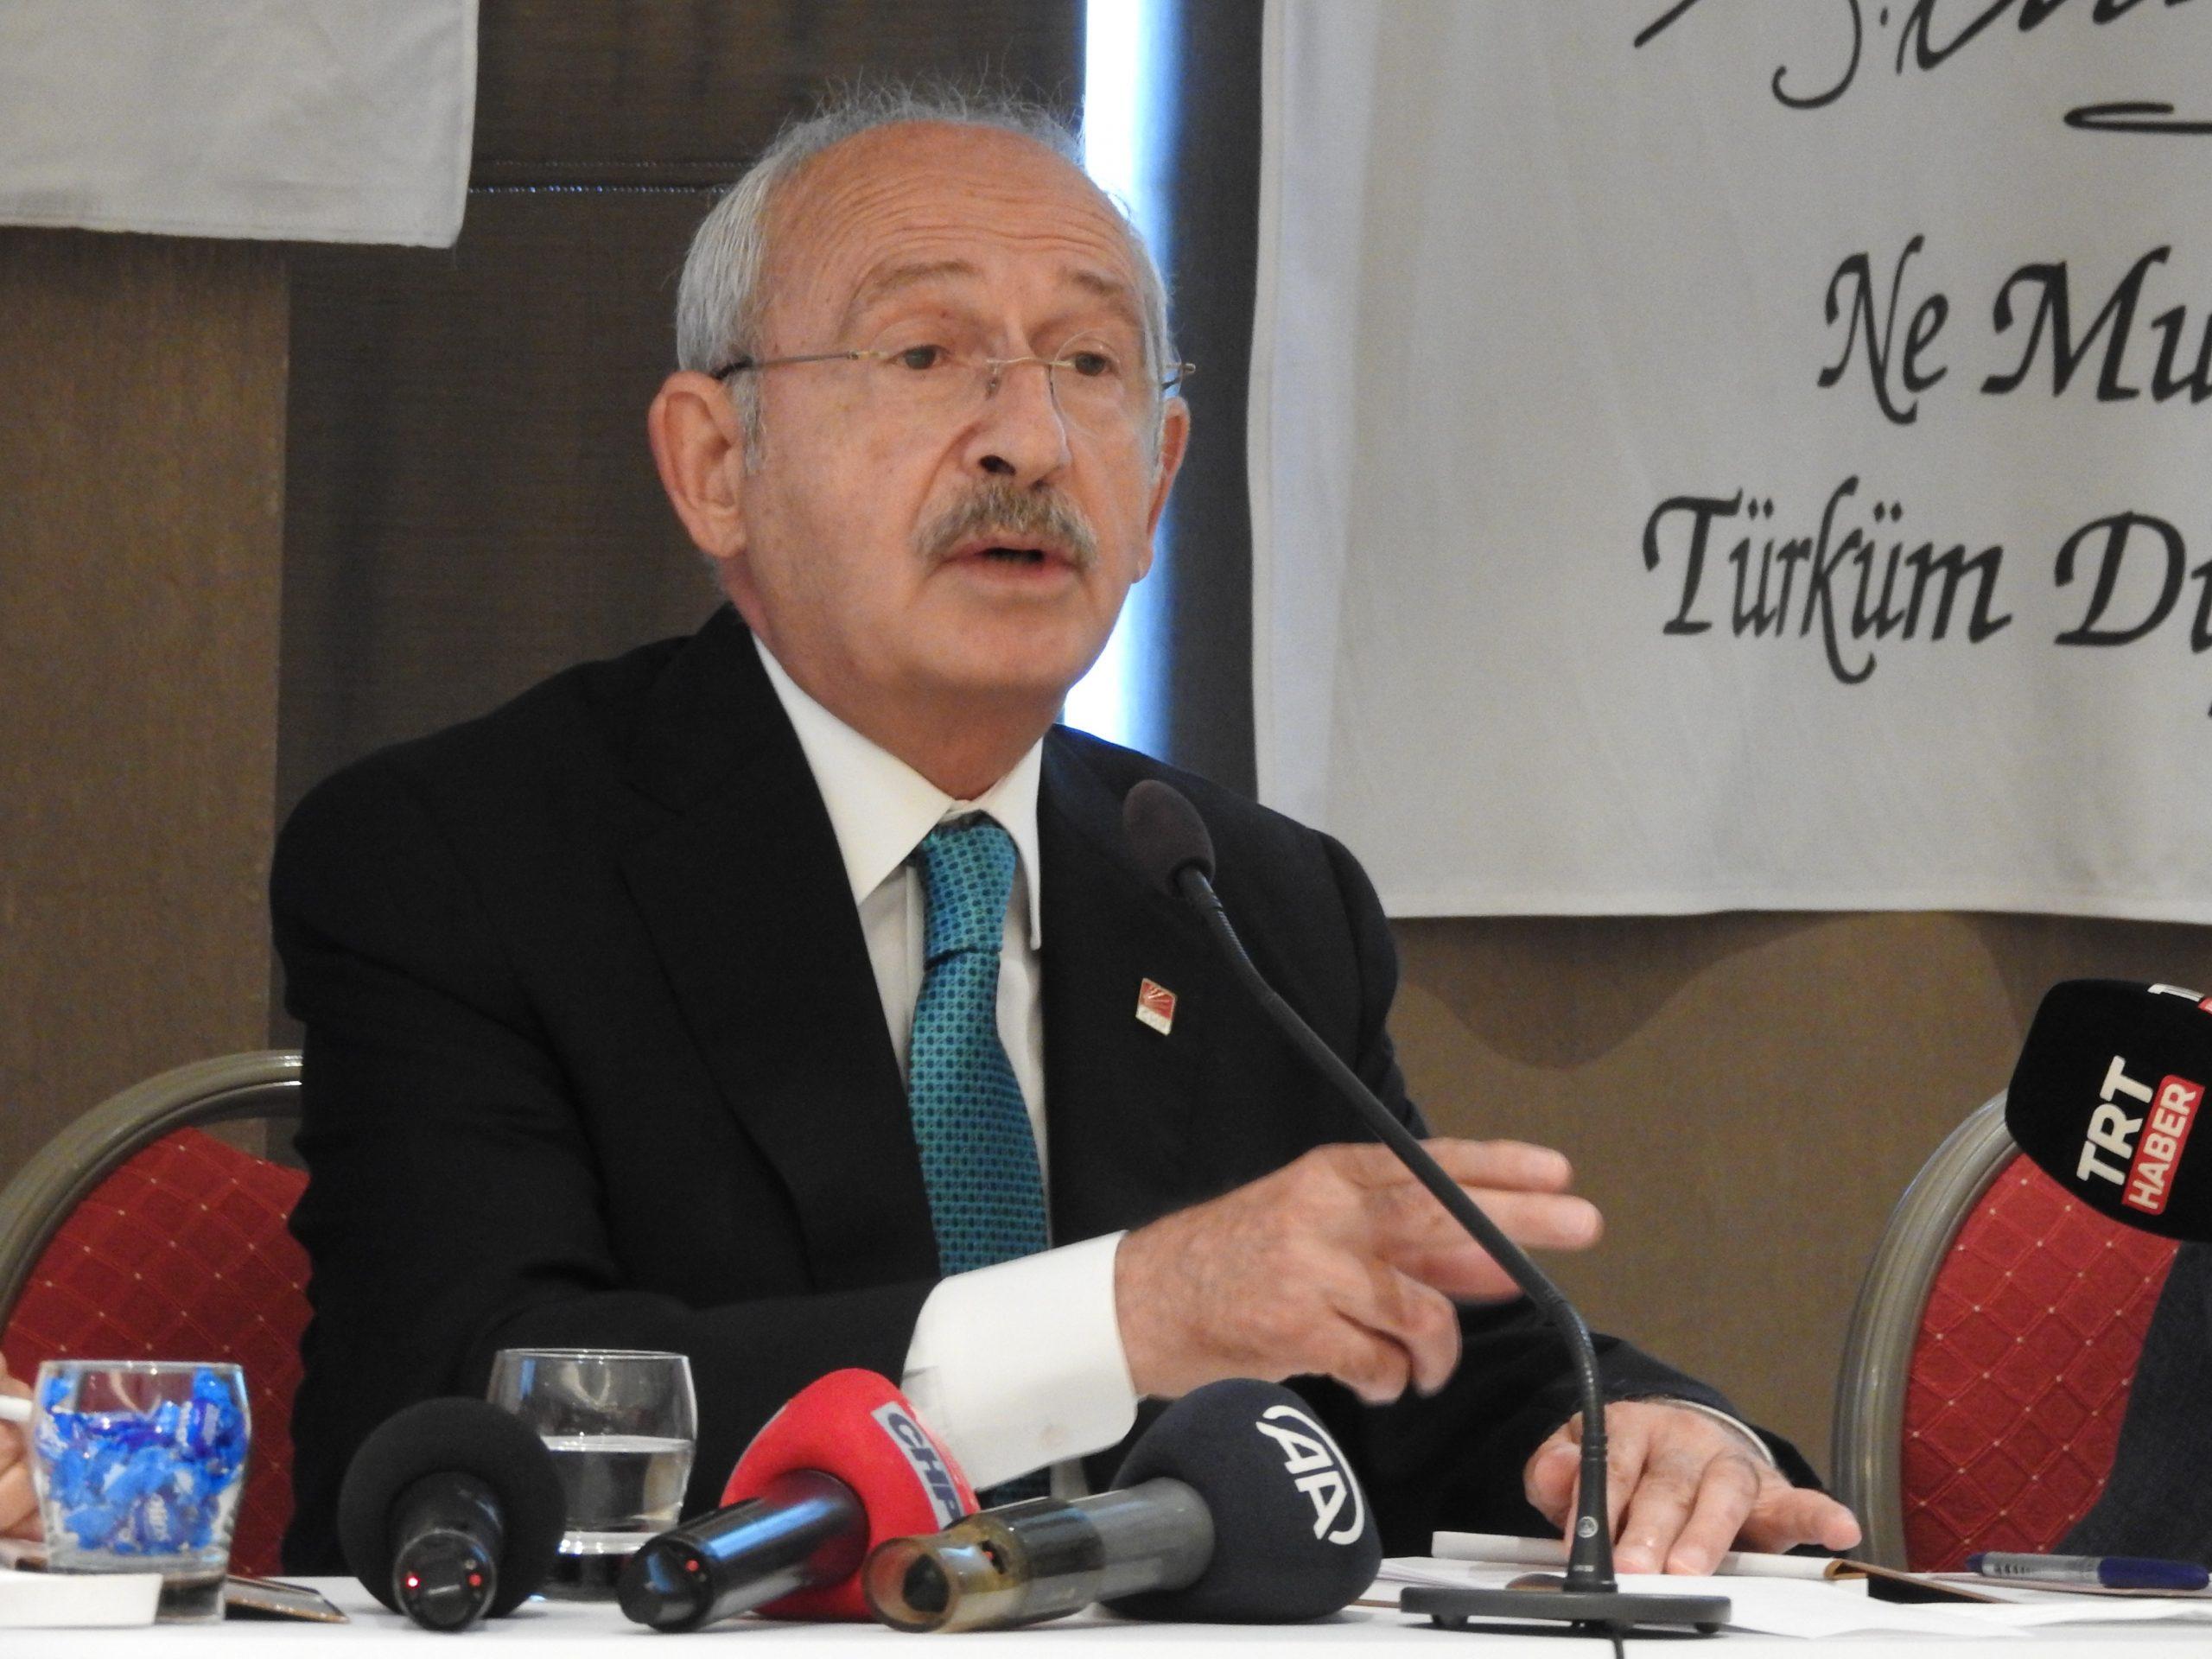 Kılıçdaroğlu Basın Konseyi toplantısına katıldı